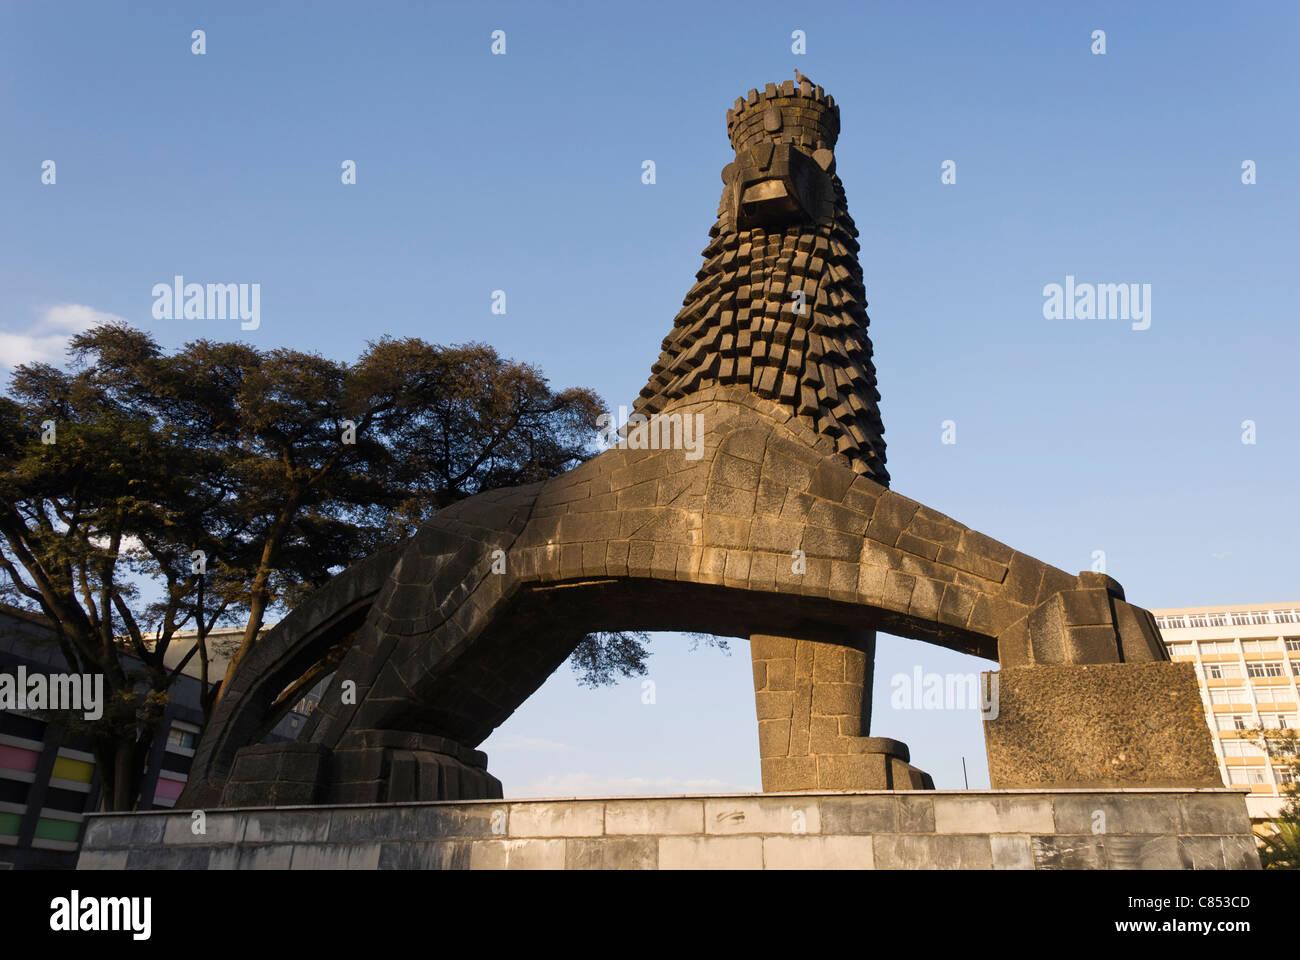 Elk200-1028 Ethiopia, Addis Ababa, Lion of Judah Monument - Stock Image